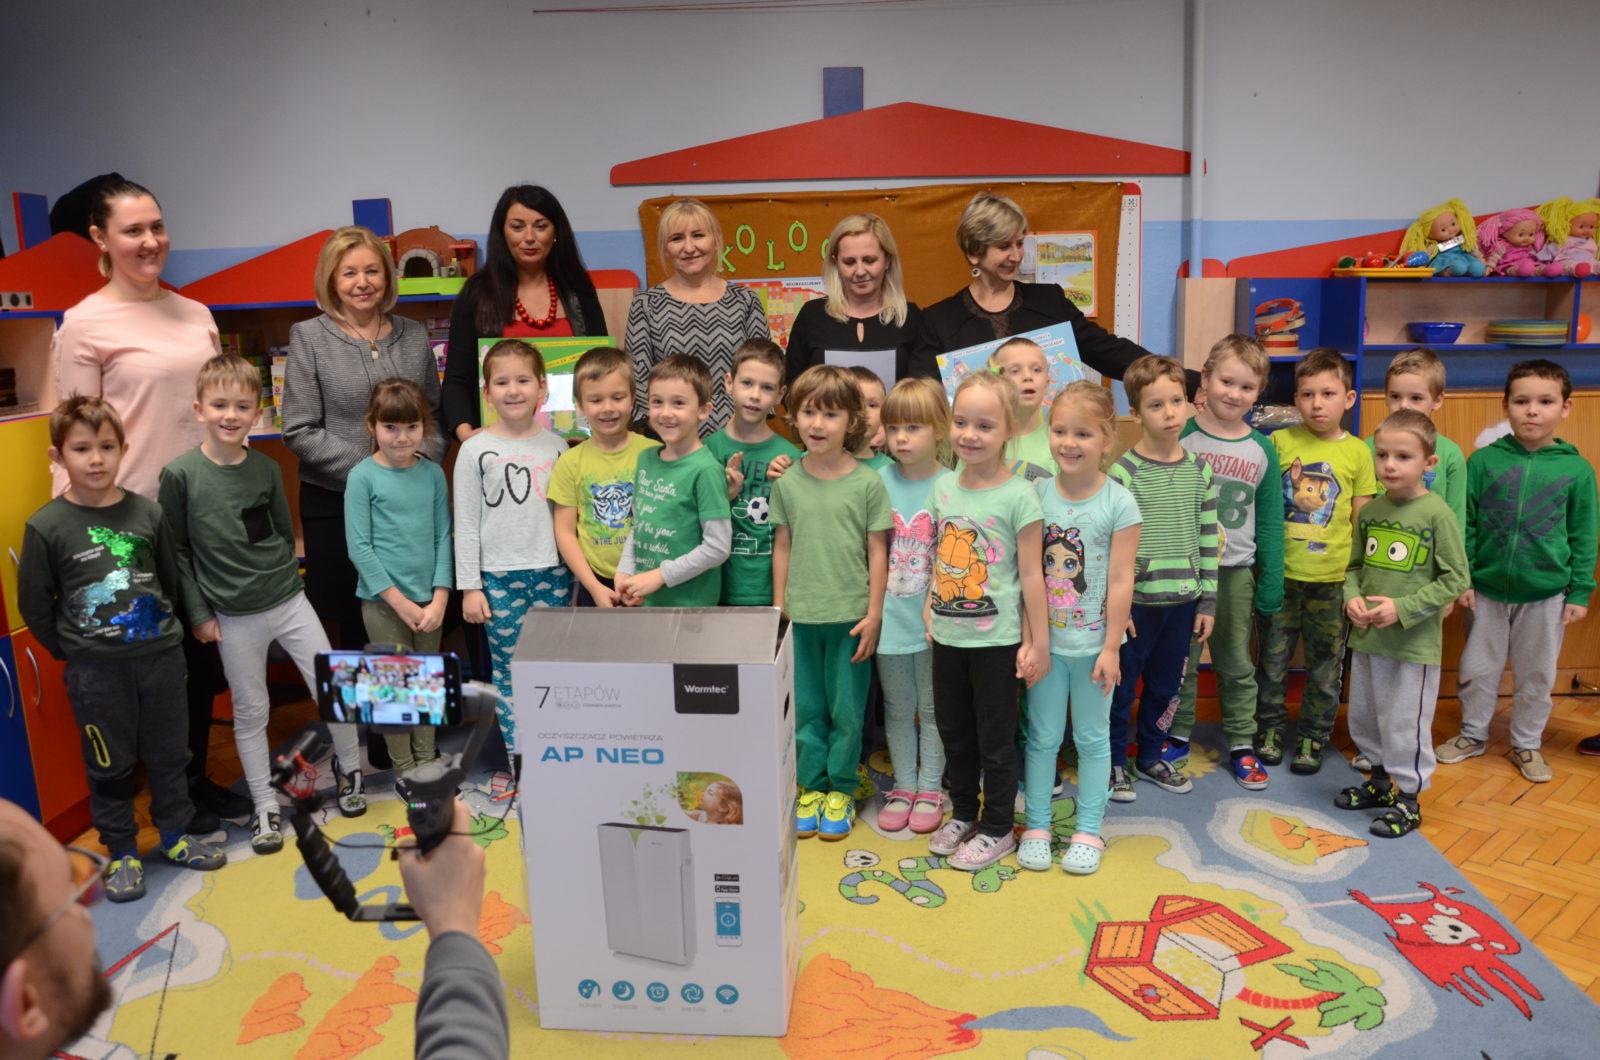 Dzieci stoją w przedszkolu. Pozują do wspólnego zdjęcia. Na pierwszym planie leży opakowanie oczyszczcza powietrza.